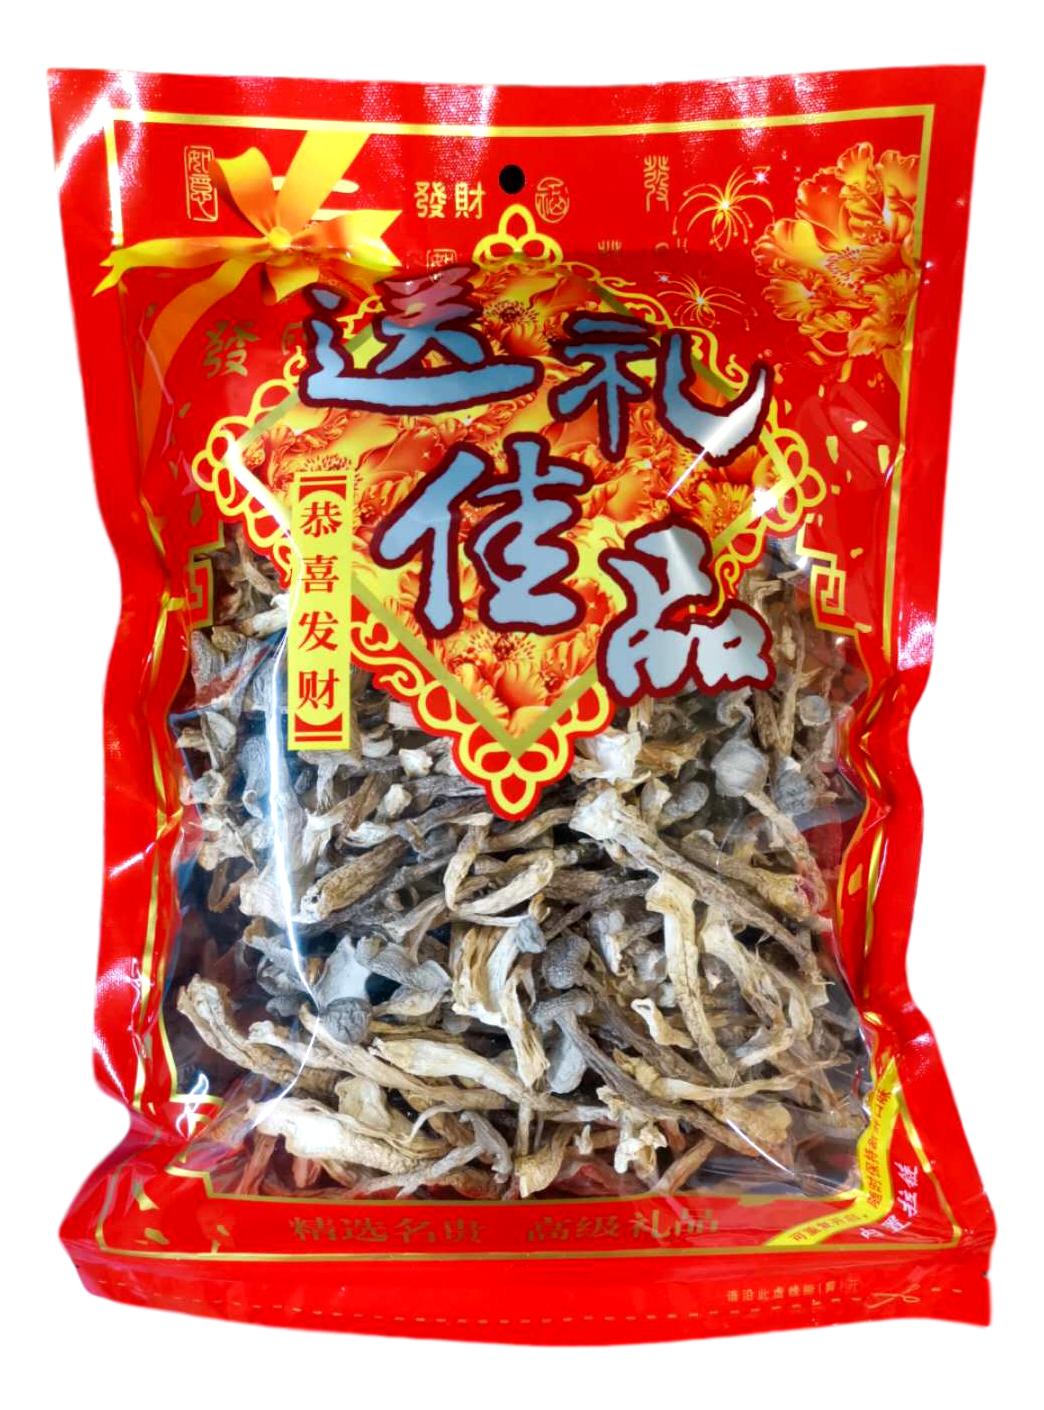 Velvet Mushroom 8oz 优质鹿茸菇/珊瑚菇8oz